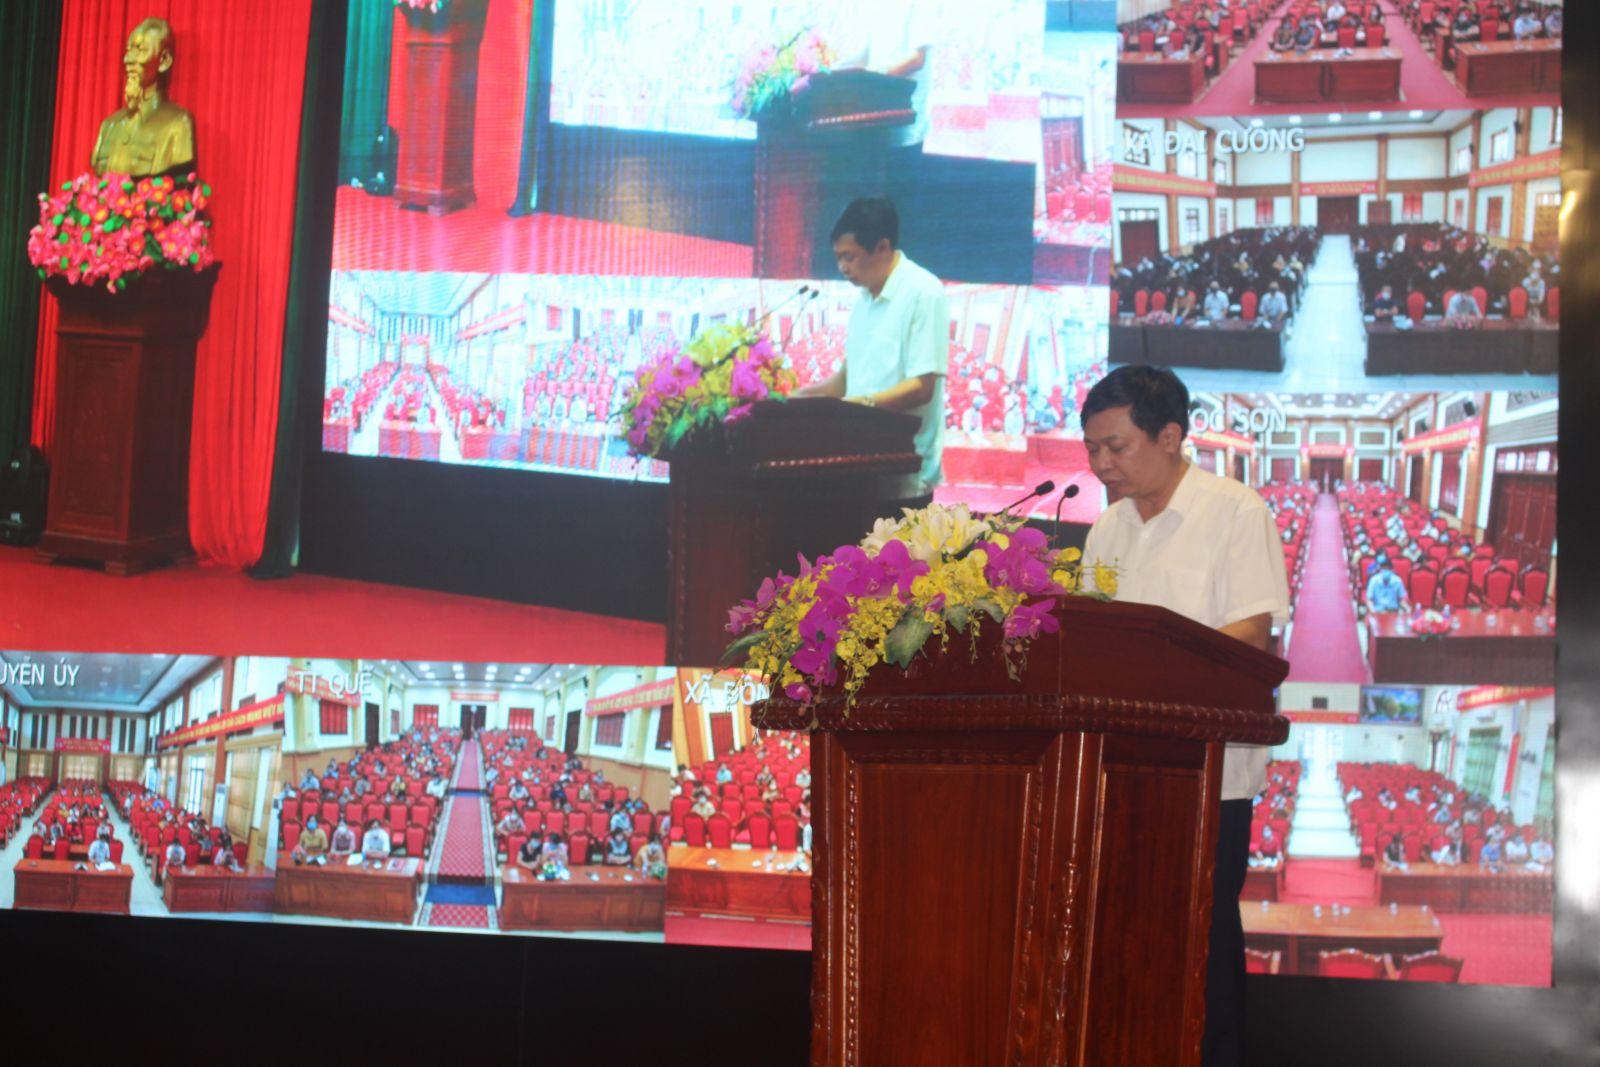 Đồng chí Trần Ngọc Thành HUV, Trưởng Phòng Giáo dục và Đào tạo tiếp thu ý kiến của lãnh đạo huyện ủy